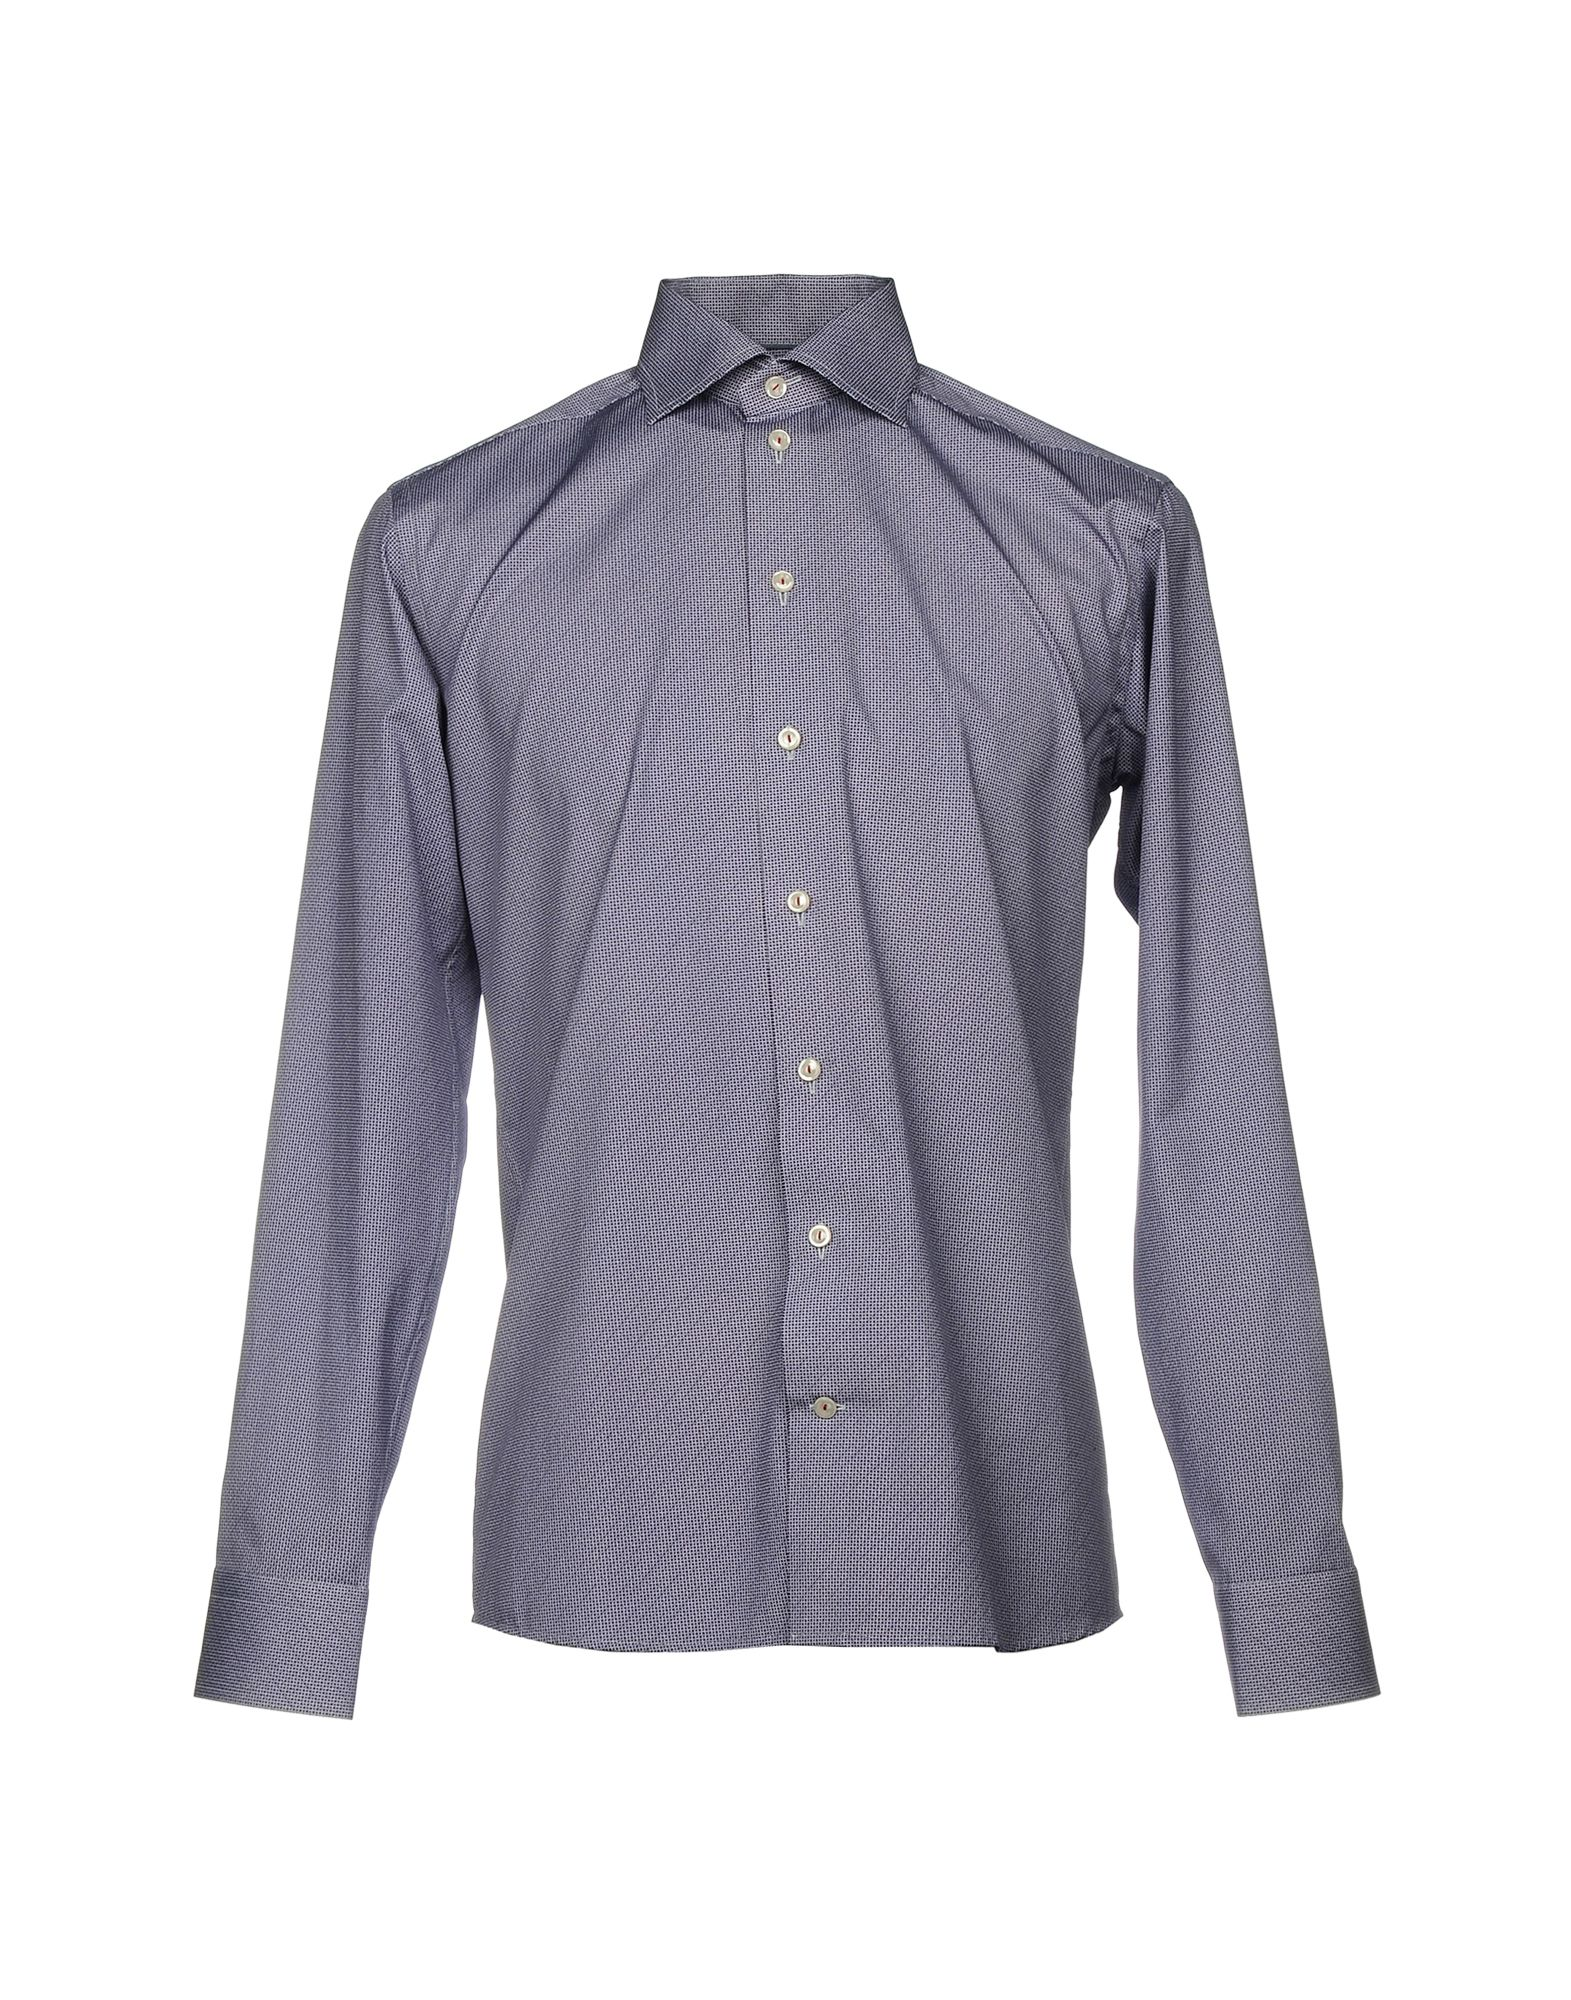 ETON Herren Hemd Farbe Dunkelblau Größe 7